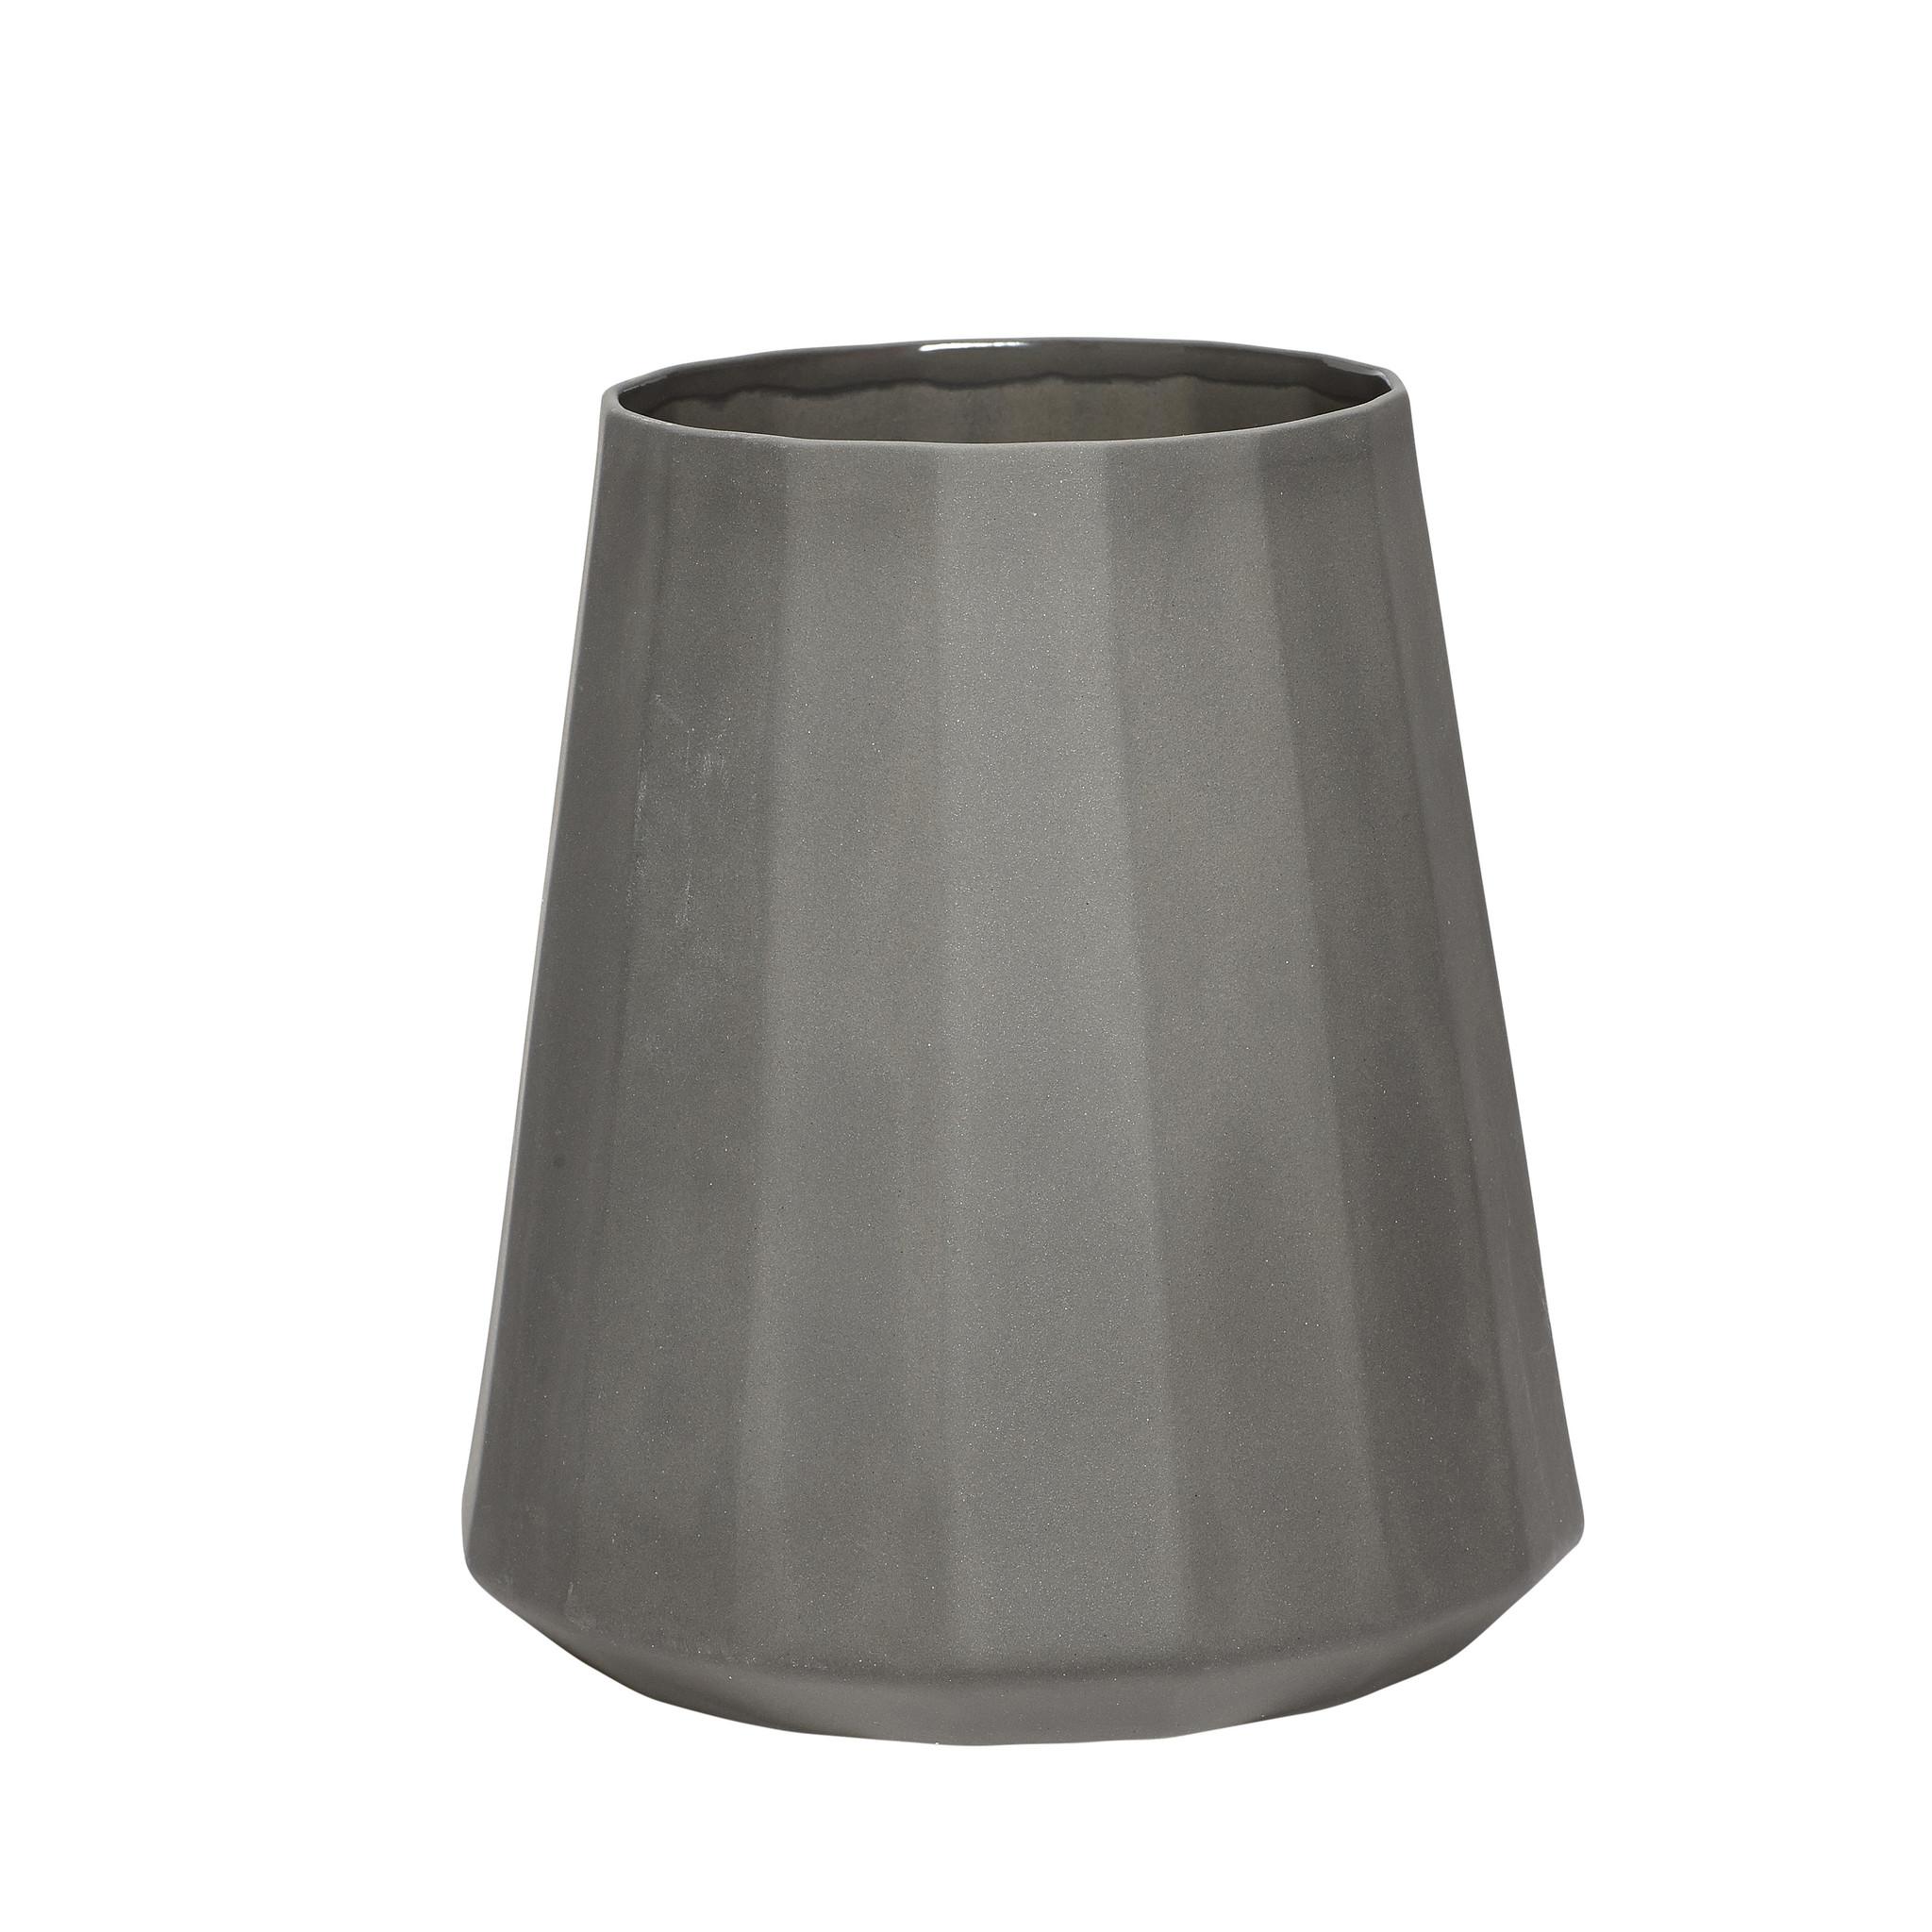 Hubsch Vaas, porselein, grijs-459006-5712772044919